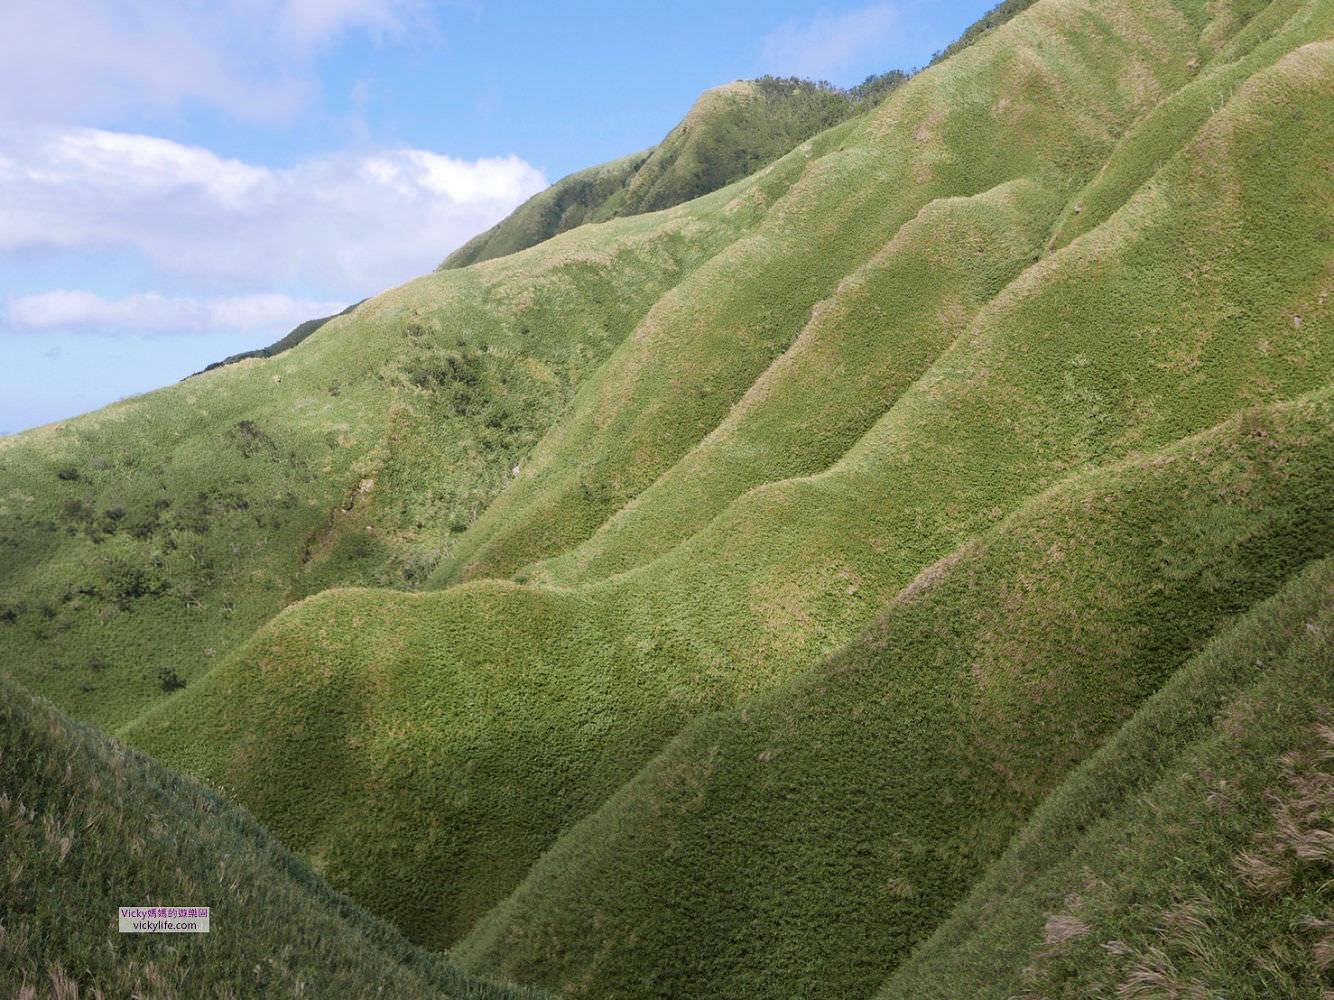 抹茶山︱宜蘭礁溪:親臨抹茶山,體驗山川之美,聖母登山步道和抹茶山一樣令人著迷